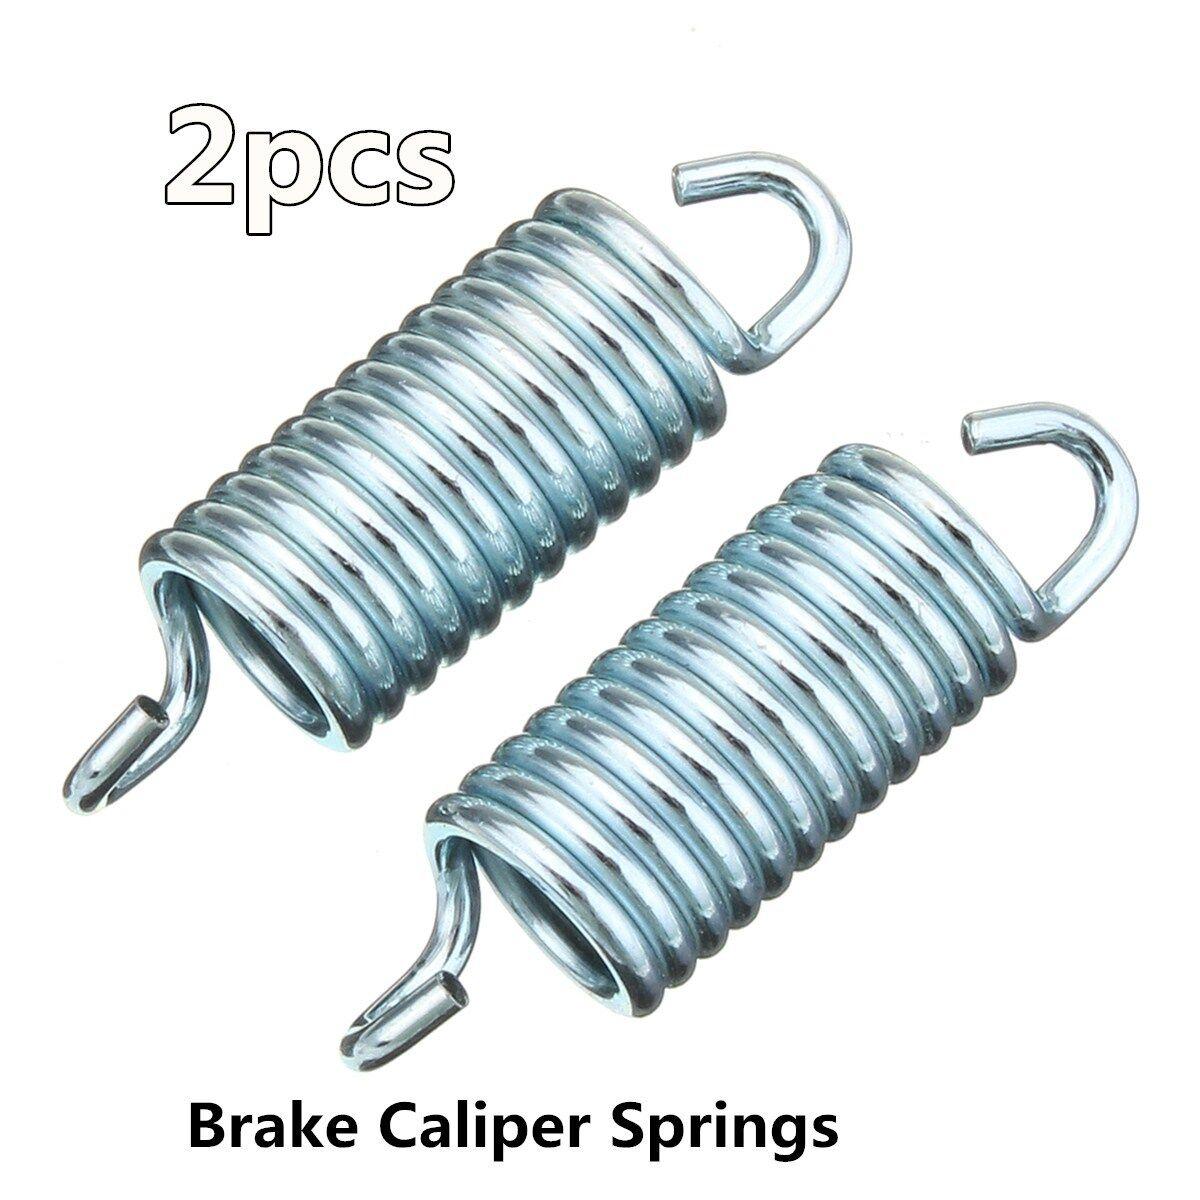 2xrear Brake Caliper Return Springs Whc0111x2j for 97-08 RENAULT ...